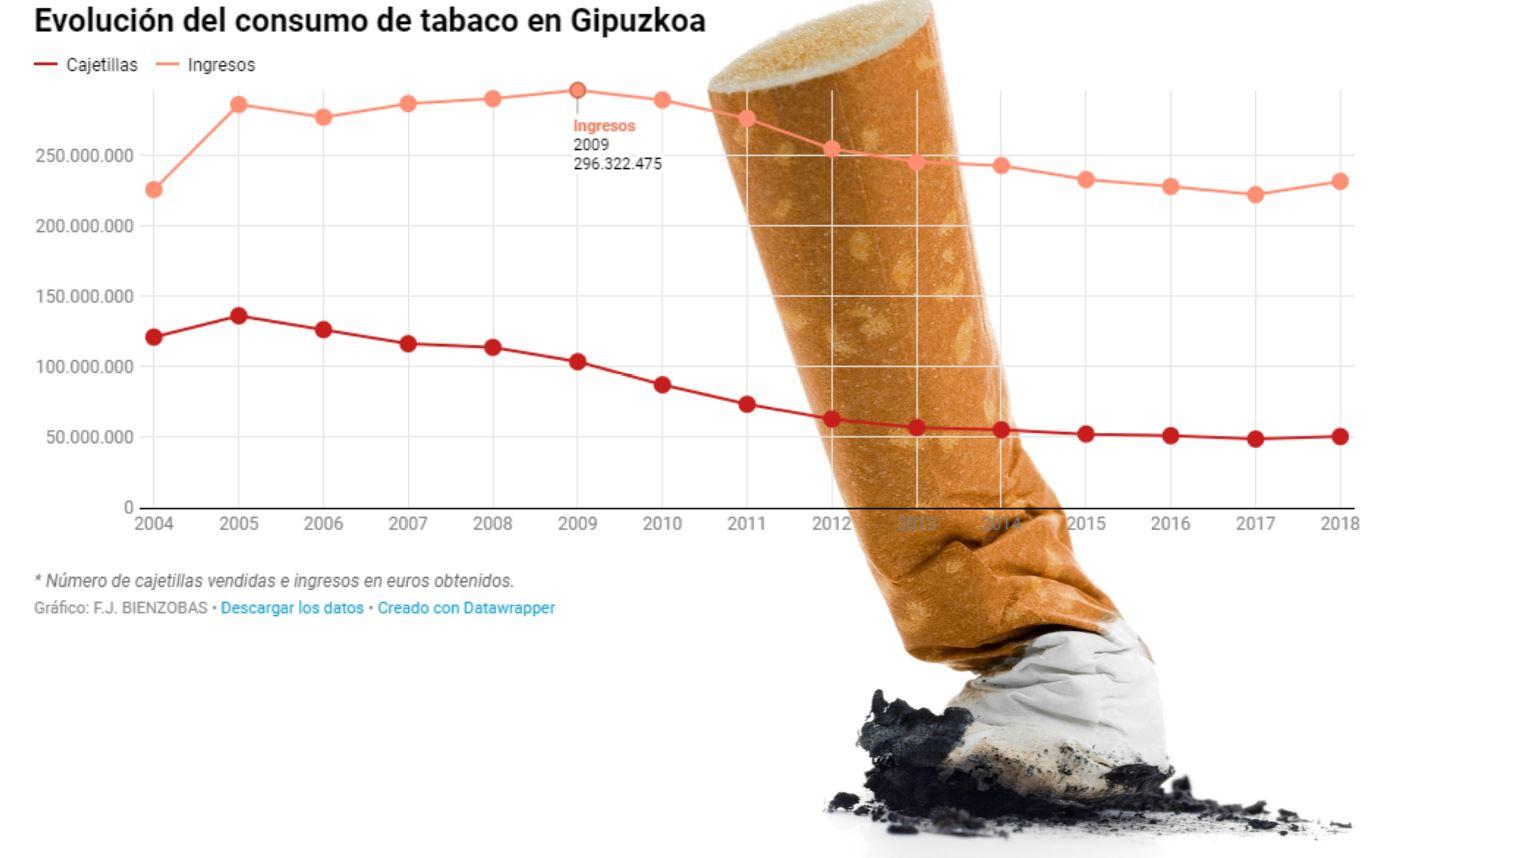 Repunta la venta de tabaco en Gipuzkoa